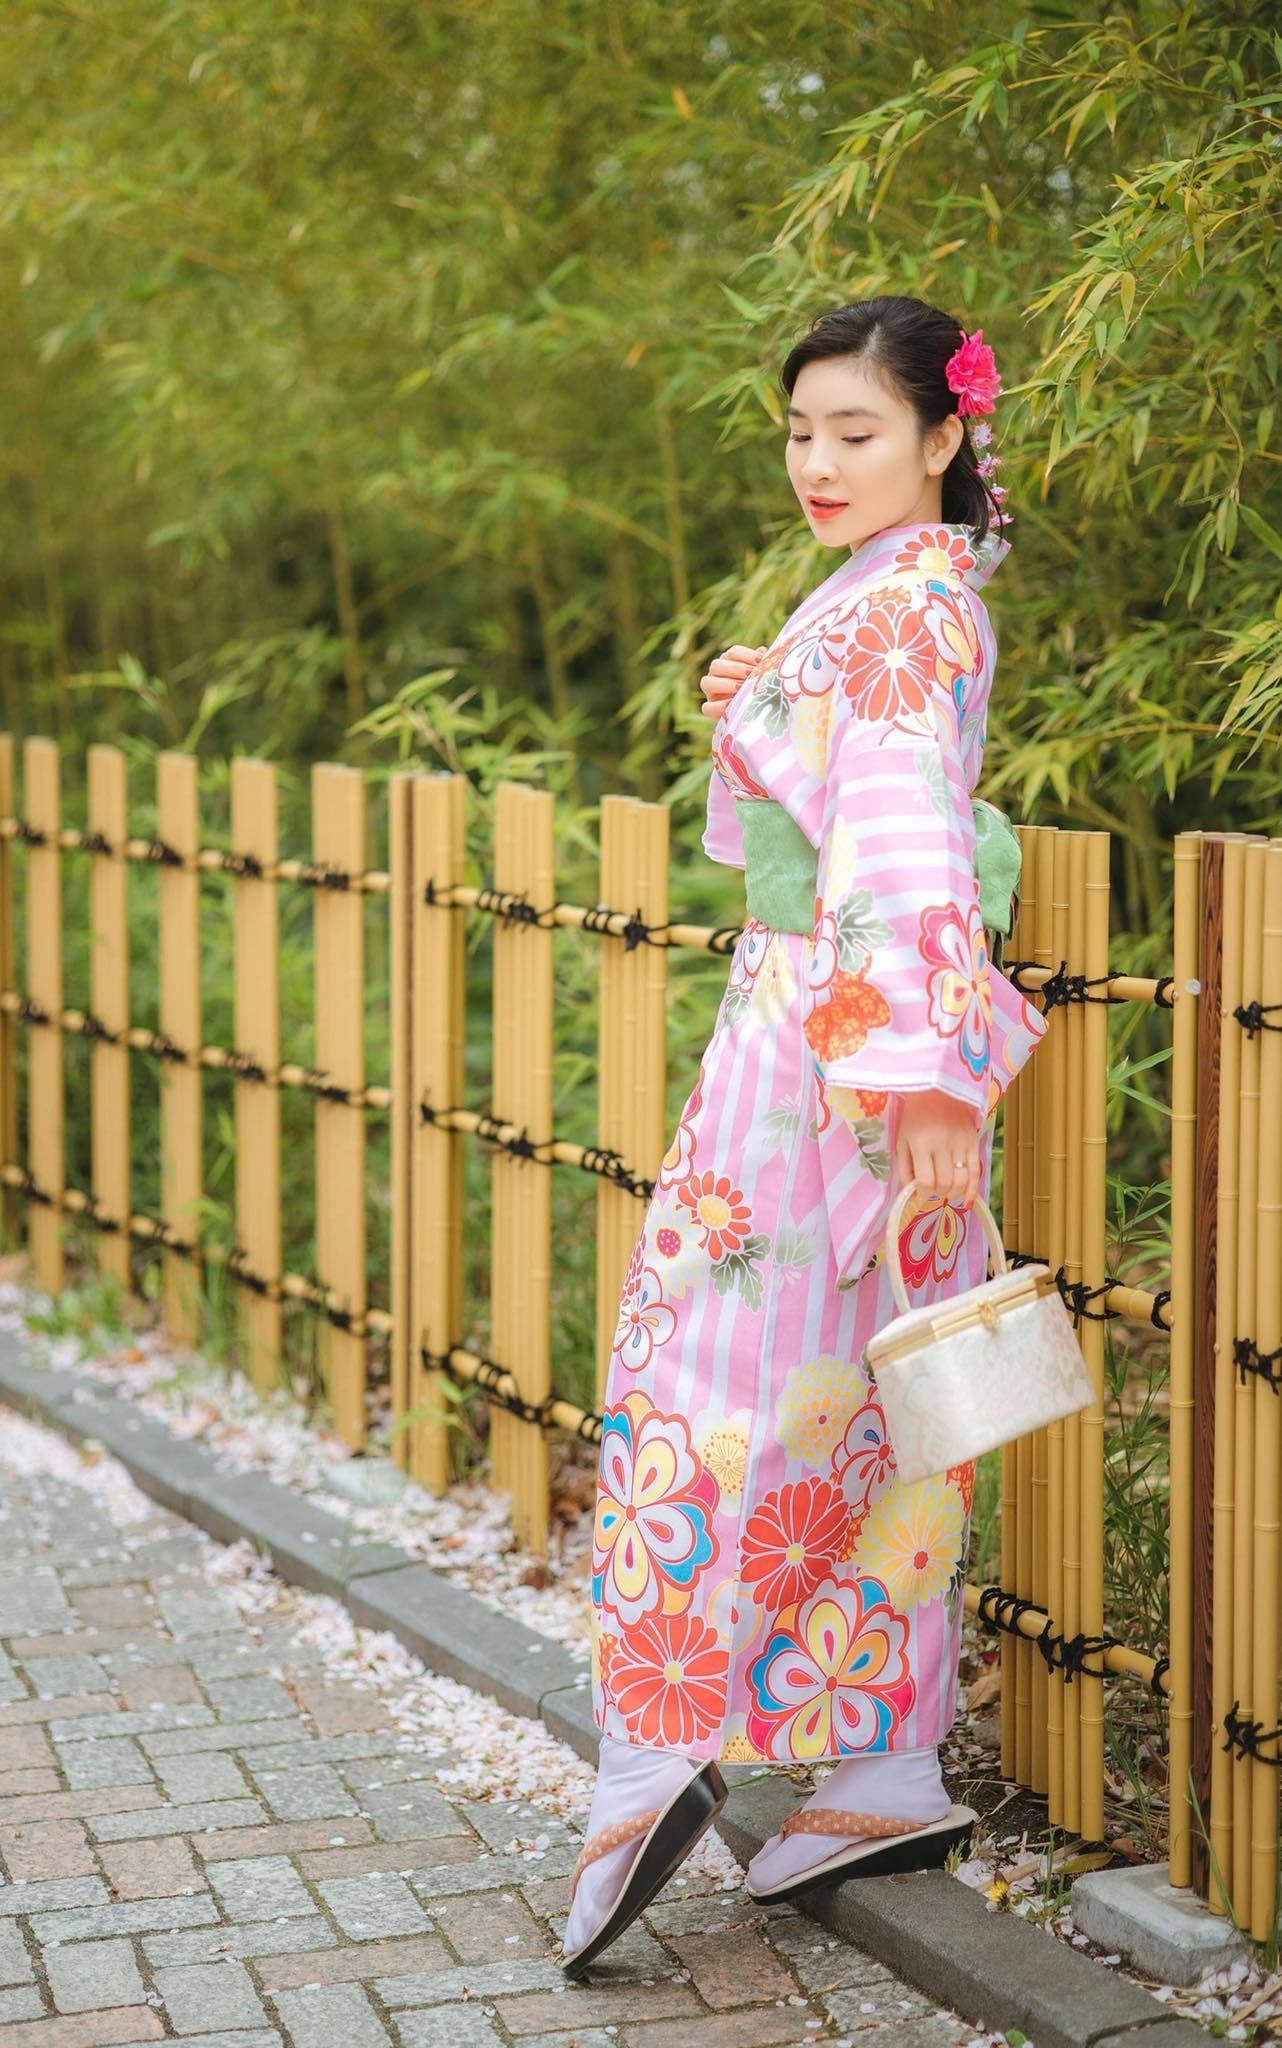 Ca sĩ Vân Nguyễn hóa thân thành cô gái Nhật Bản Ảnh 5